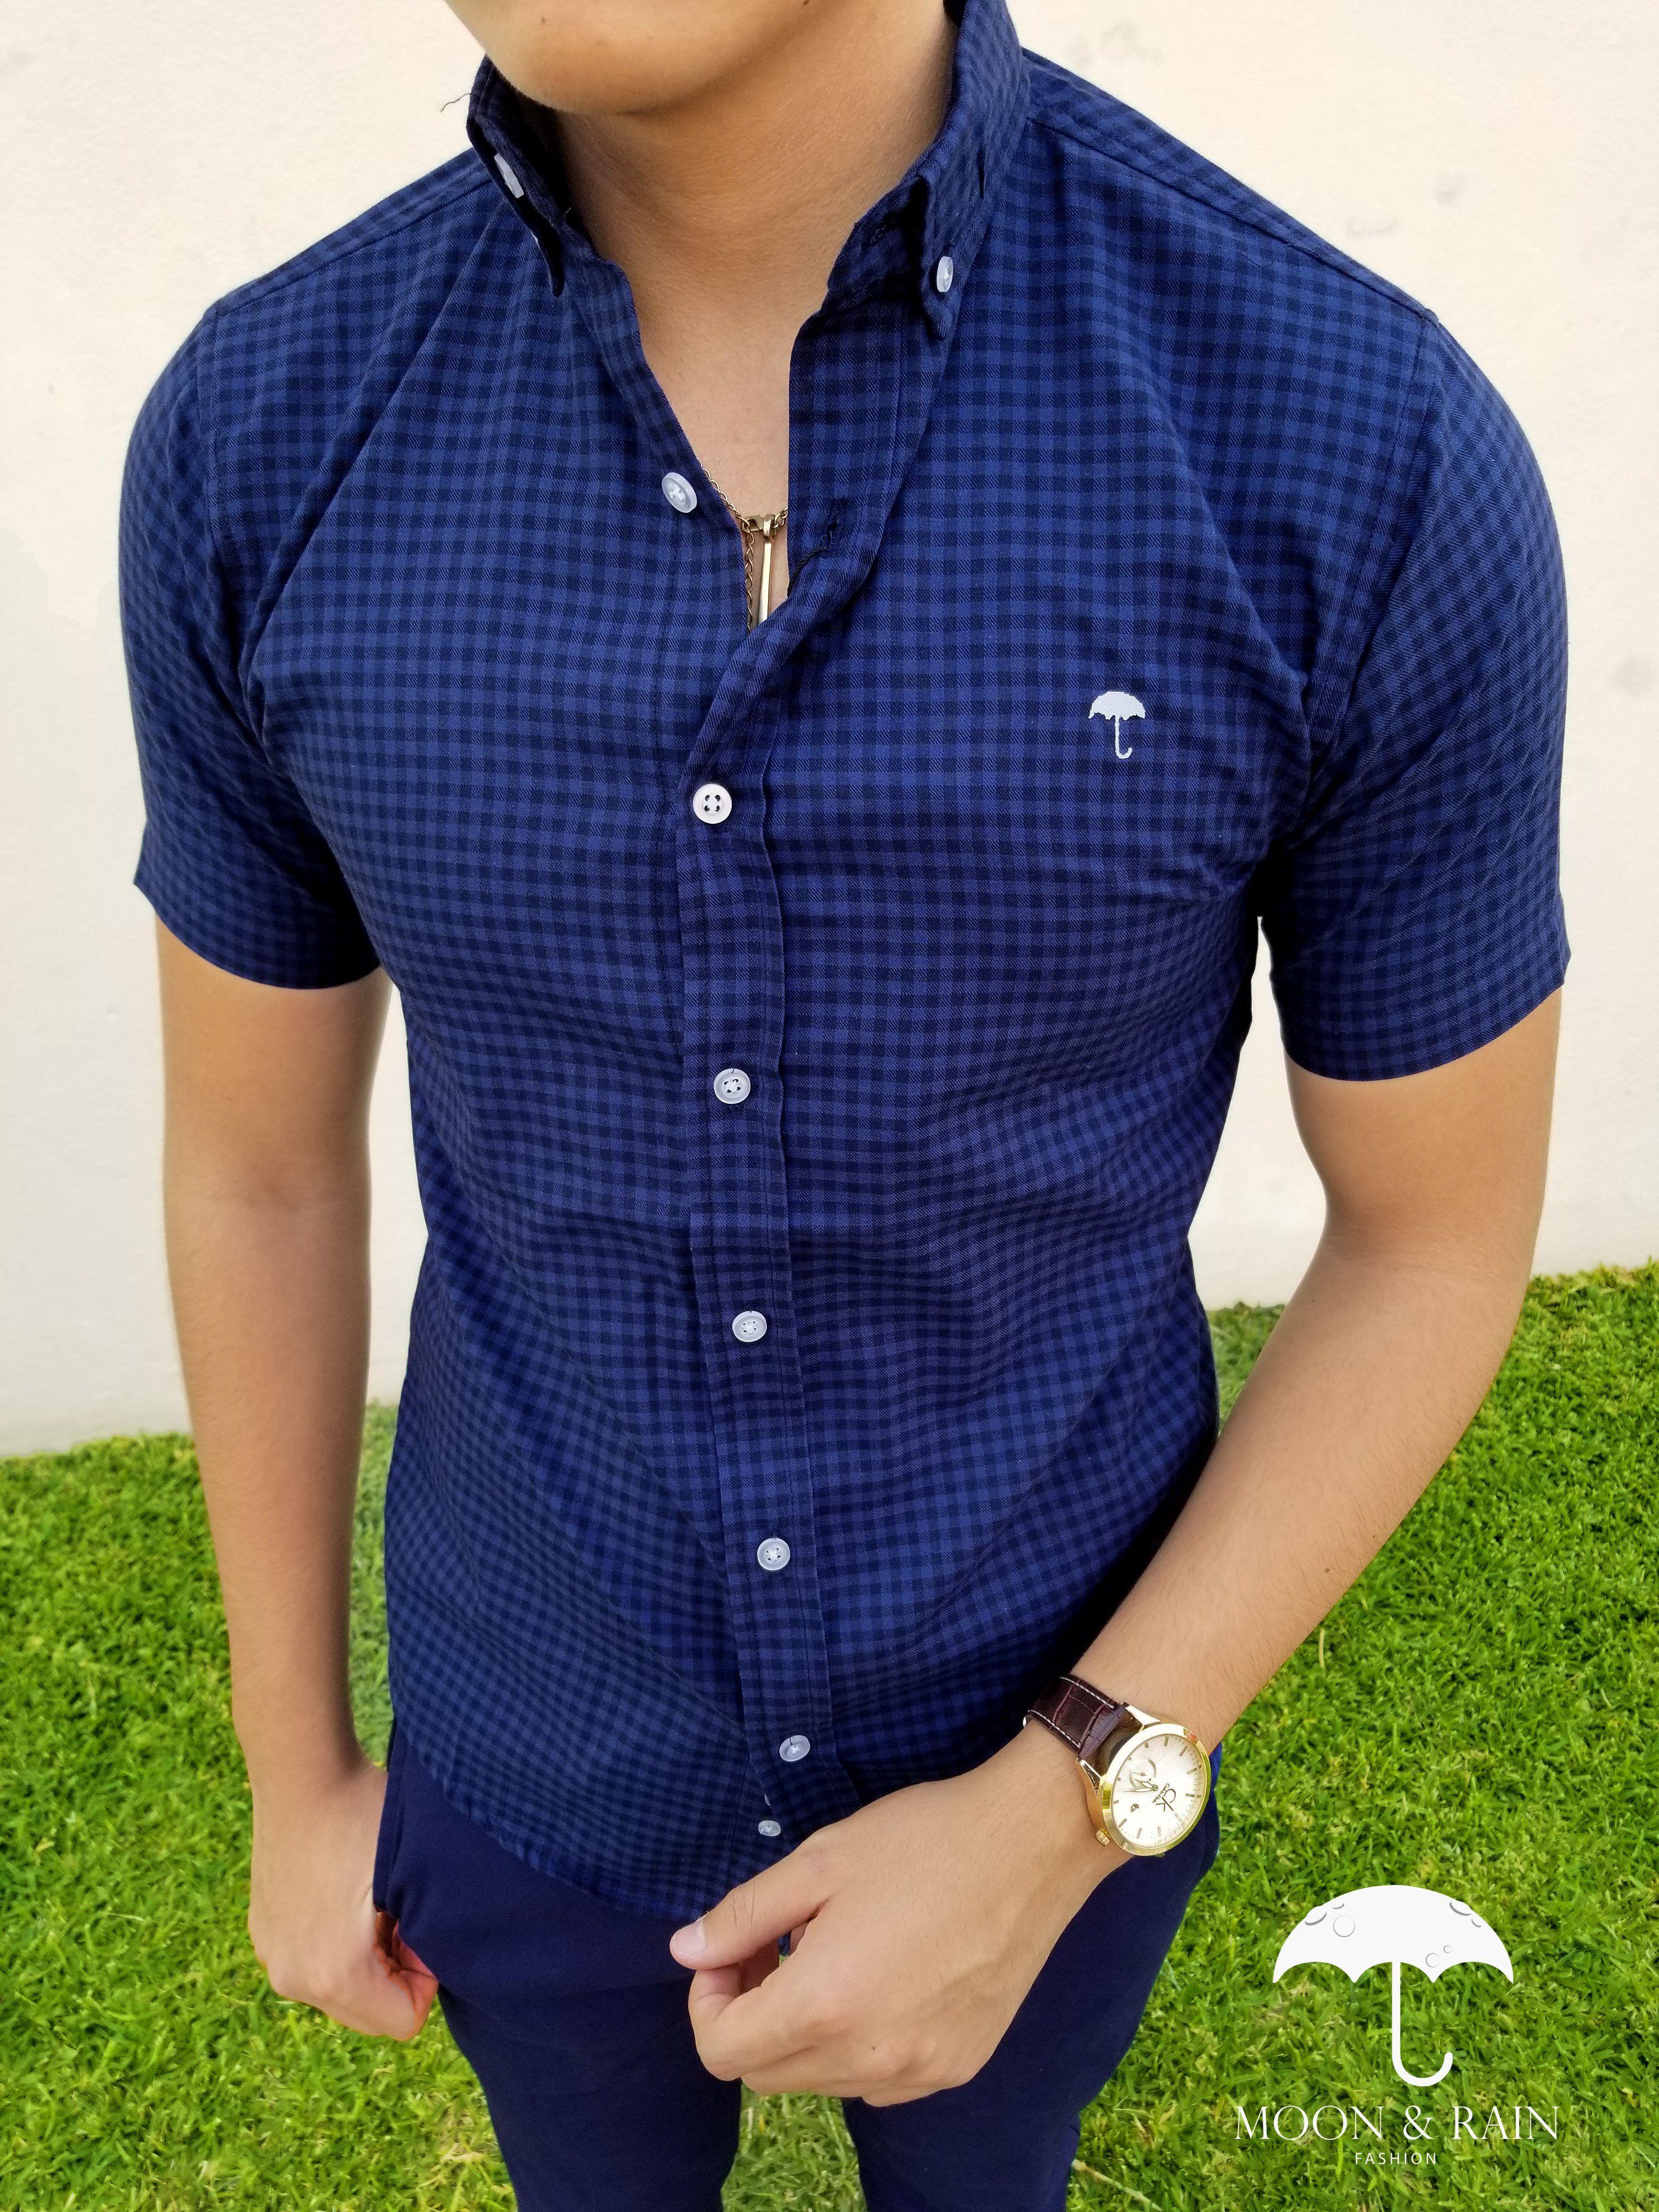 d059a98fb Ropa para hombre ideal para una ocasión casual y o formal  Camisa Manga  Corta Cuadros Marino- Negro y Pantalón de Vestir de la marca Moon   Rain